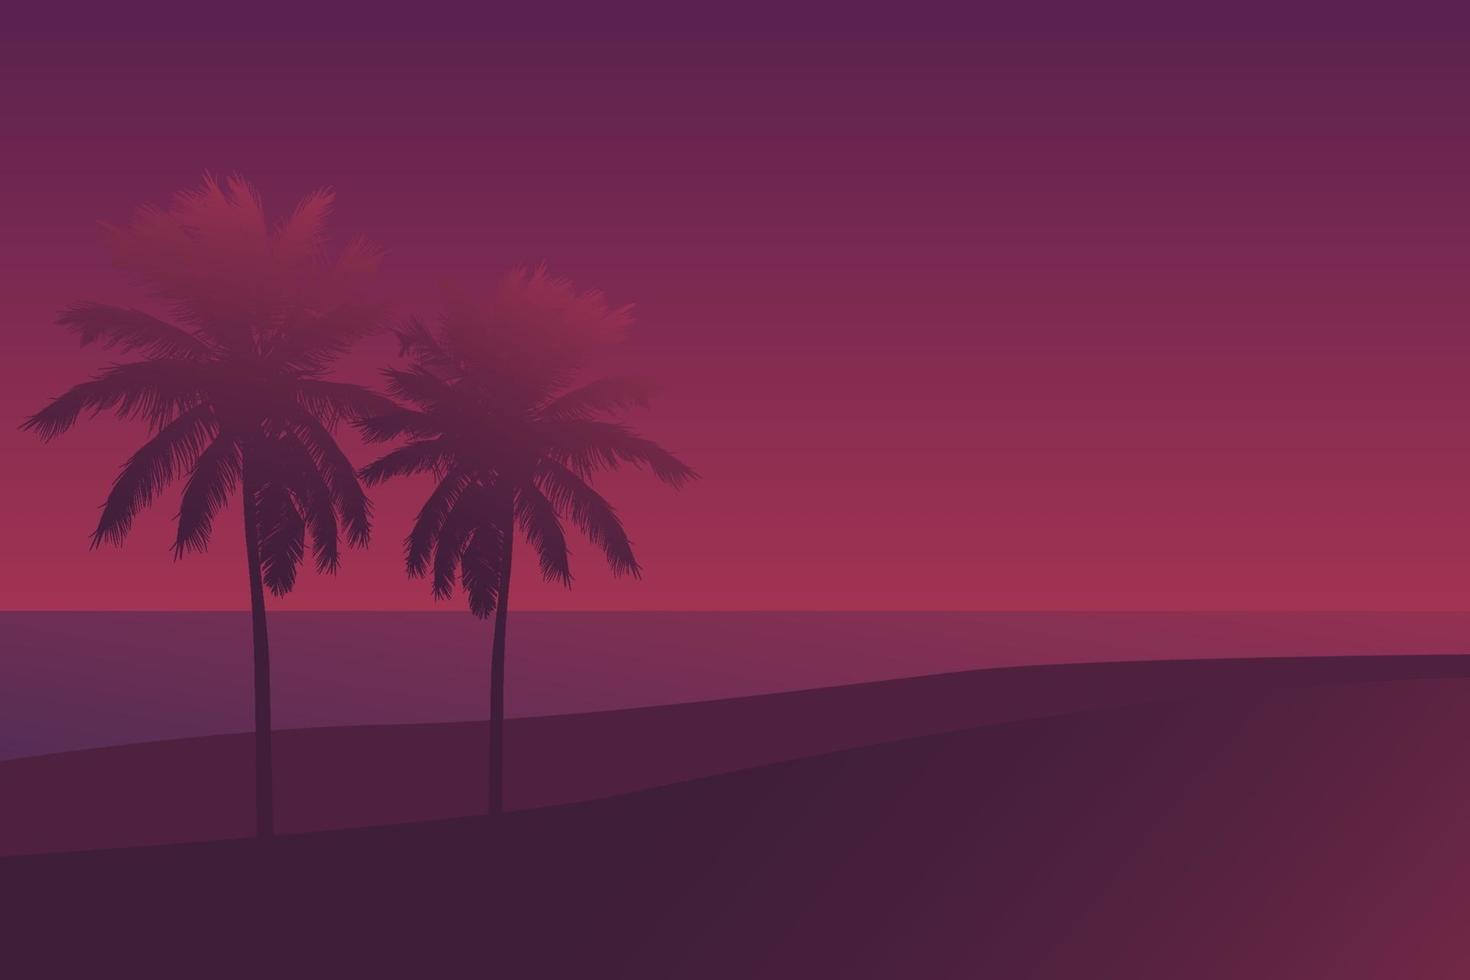 palme al tramonto, scene.eps di vettore